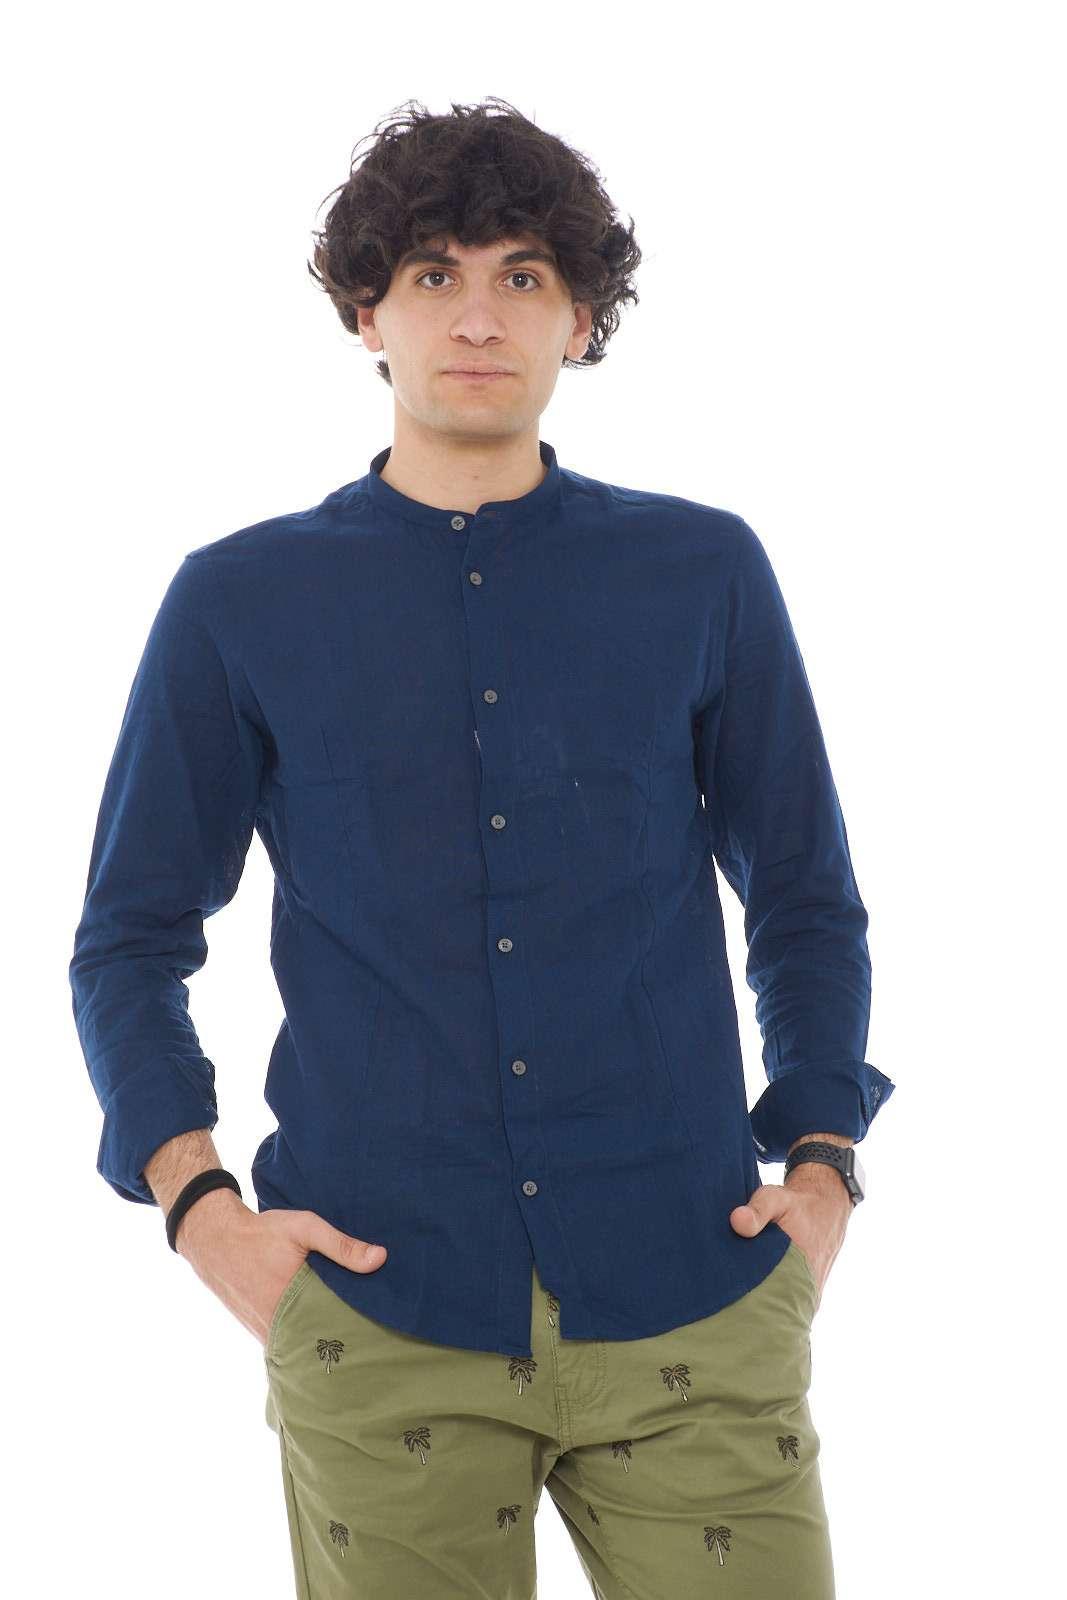 Perfetta da indossare con ogni look, la camicia uomo con collo alla coreana si conferma un trend di stagione. Un fresco tessuto in lino a rifinire un capo tinta unita. Da abbinare con ogni stile si dimostra un capo fashion e versatile.